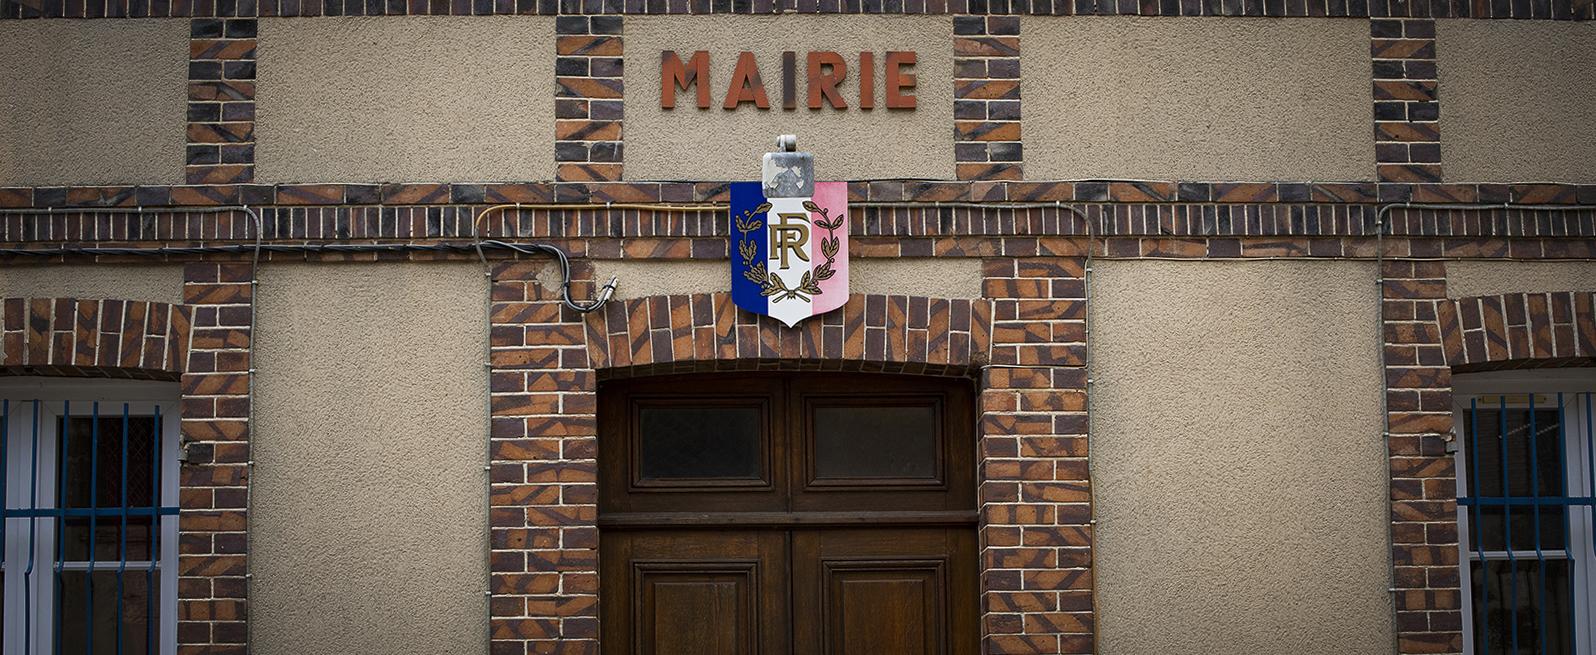 mairie devant.jpg